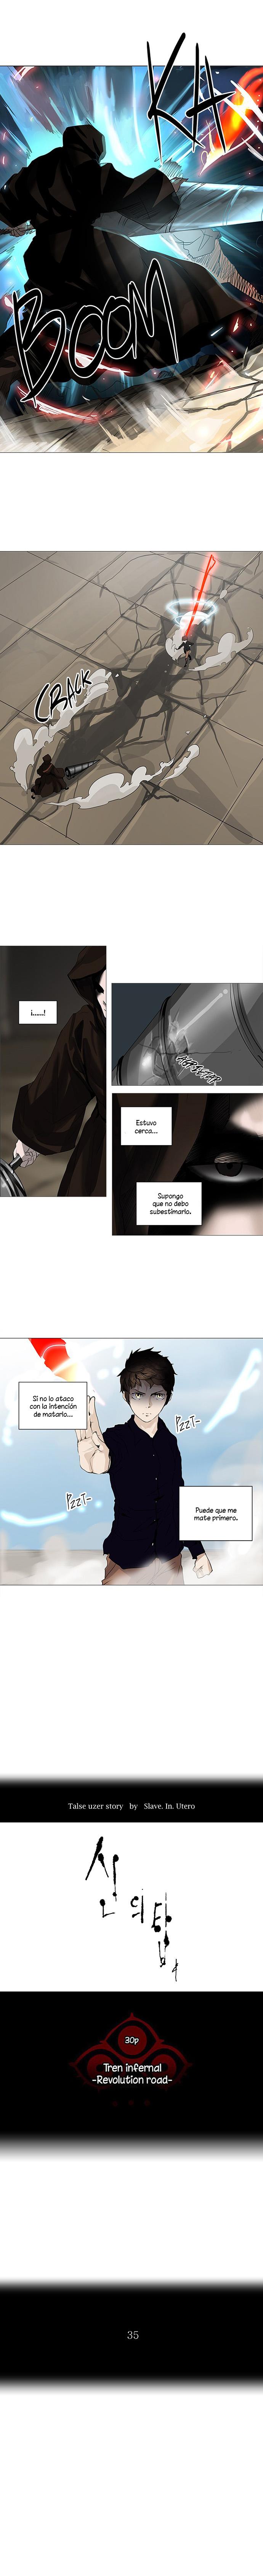 http://c5.ninemanga.com/es_manga/21/149/365457/7ad349fb654f5a10ee436cd9f06dab93.jpg Page 2